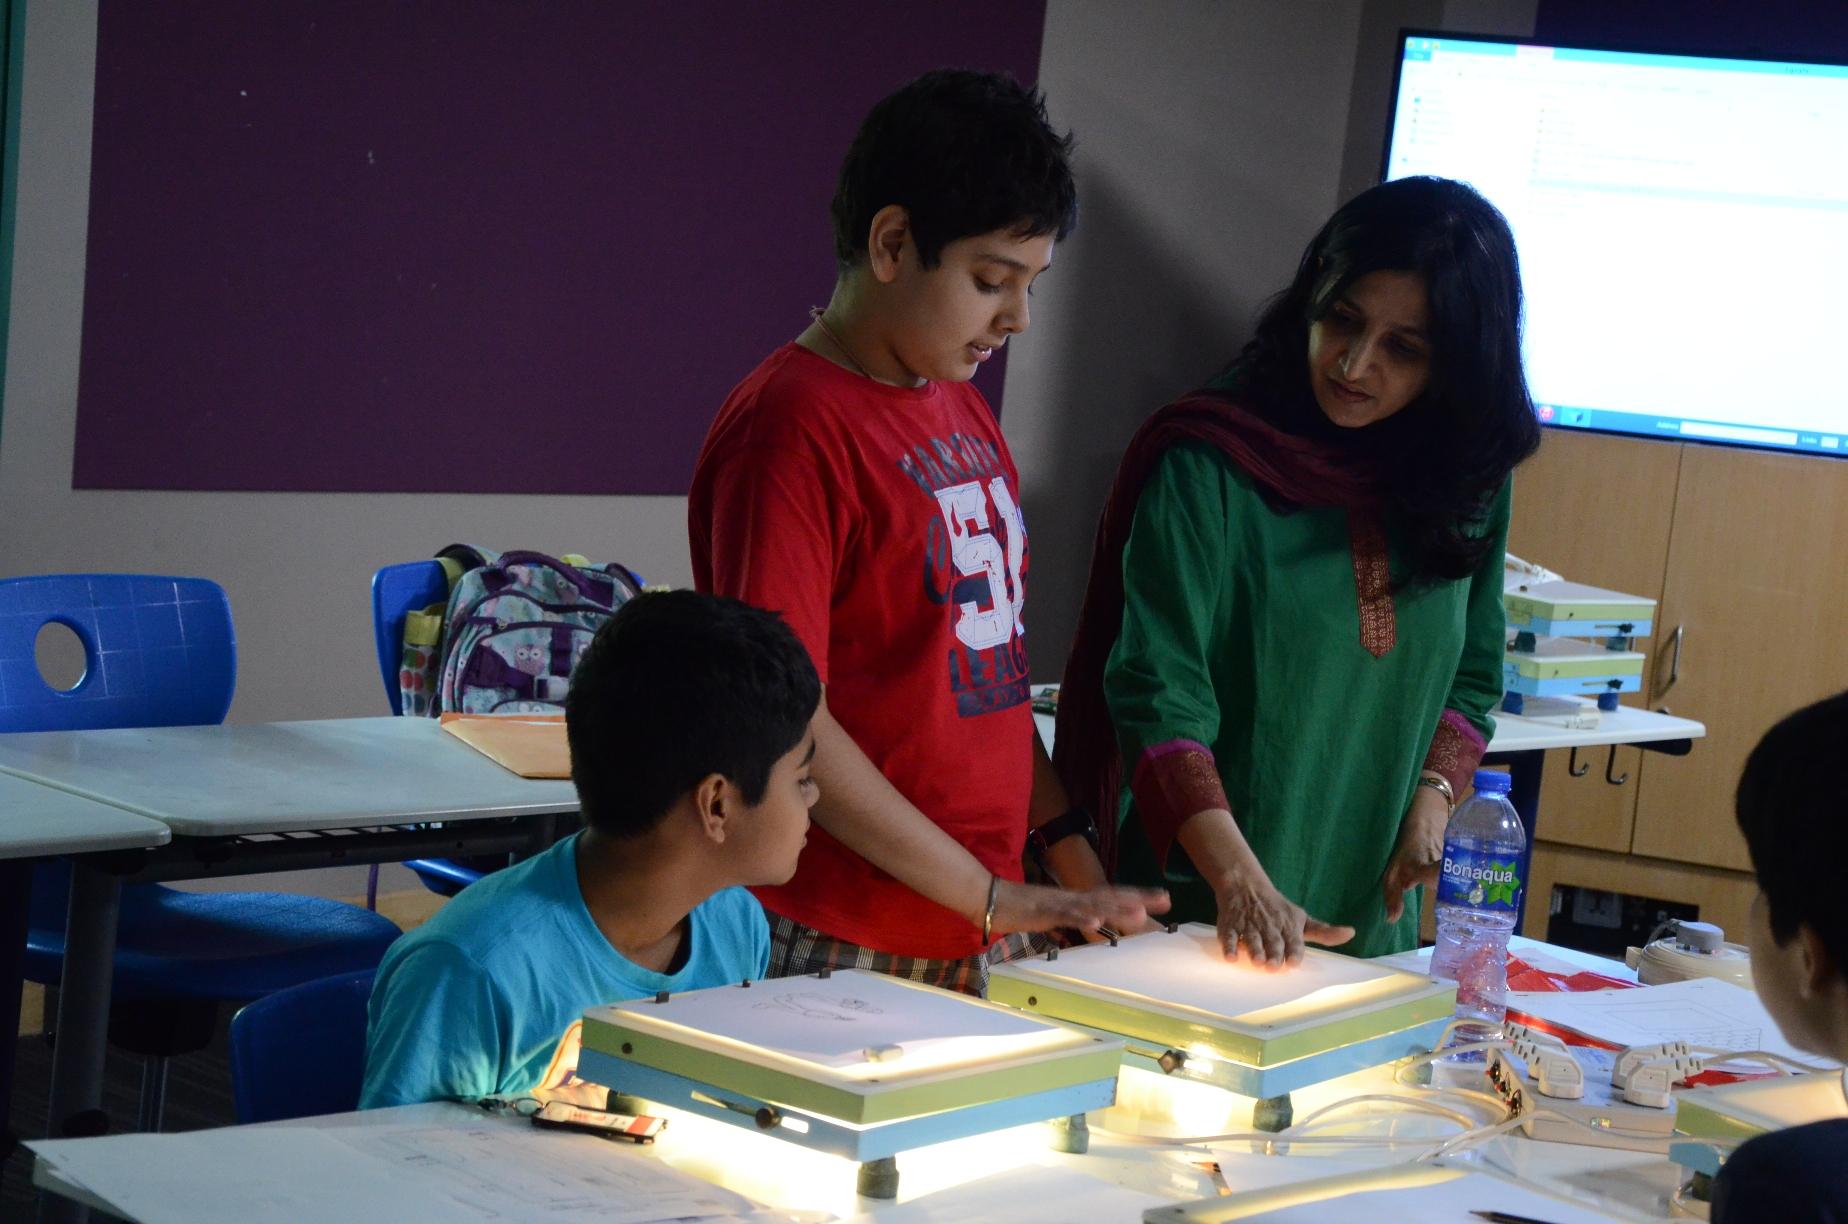 weekend workshops for kids in mumbai